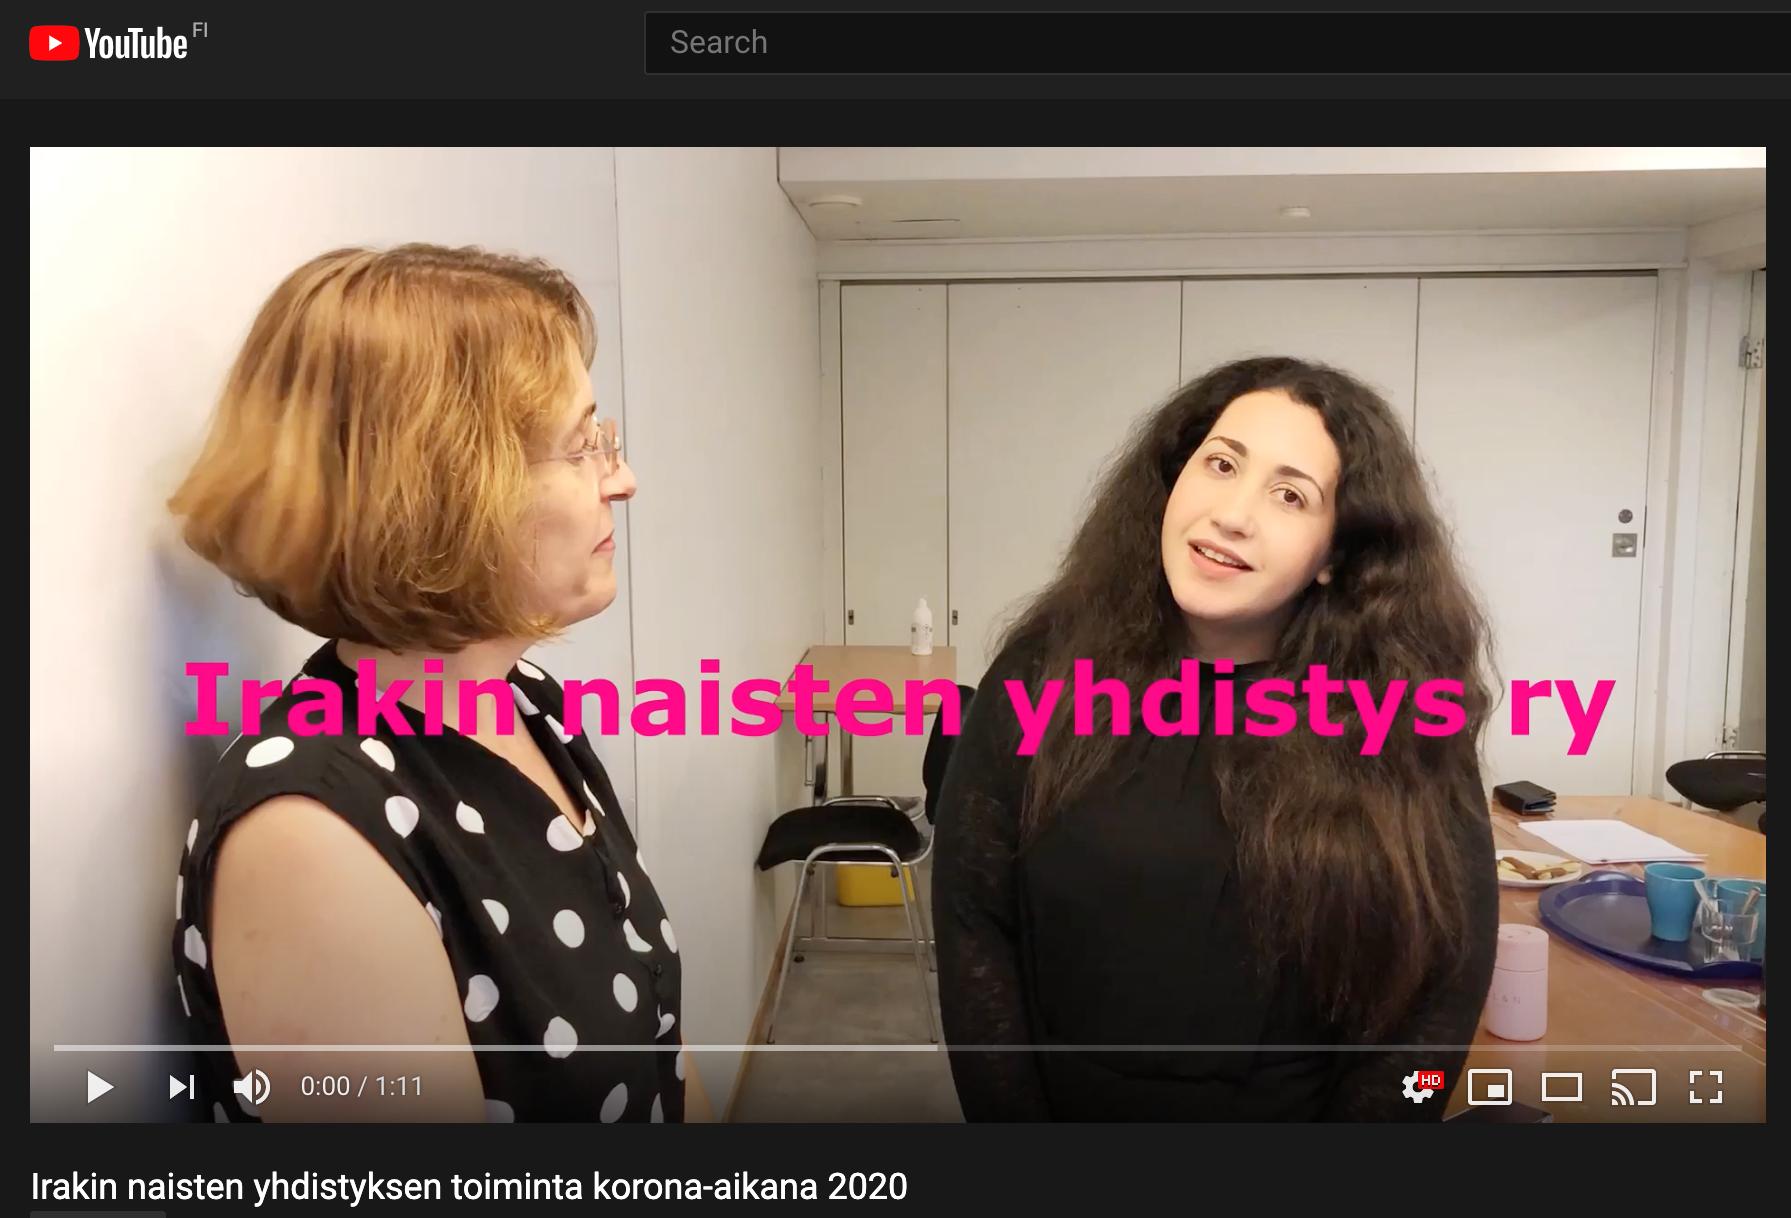 Kuvakaappaus YouTube-videosta. Kuvassa Irakin naisten yhdistys ry:n työntekijöitä.